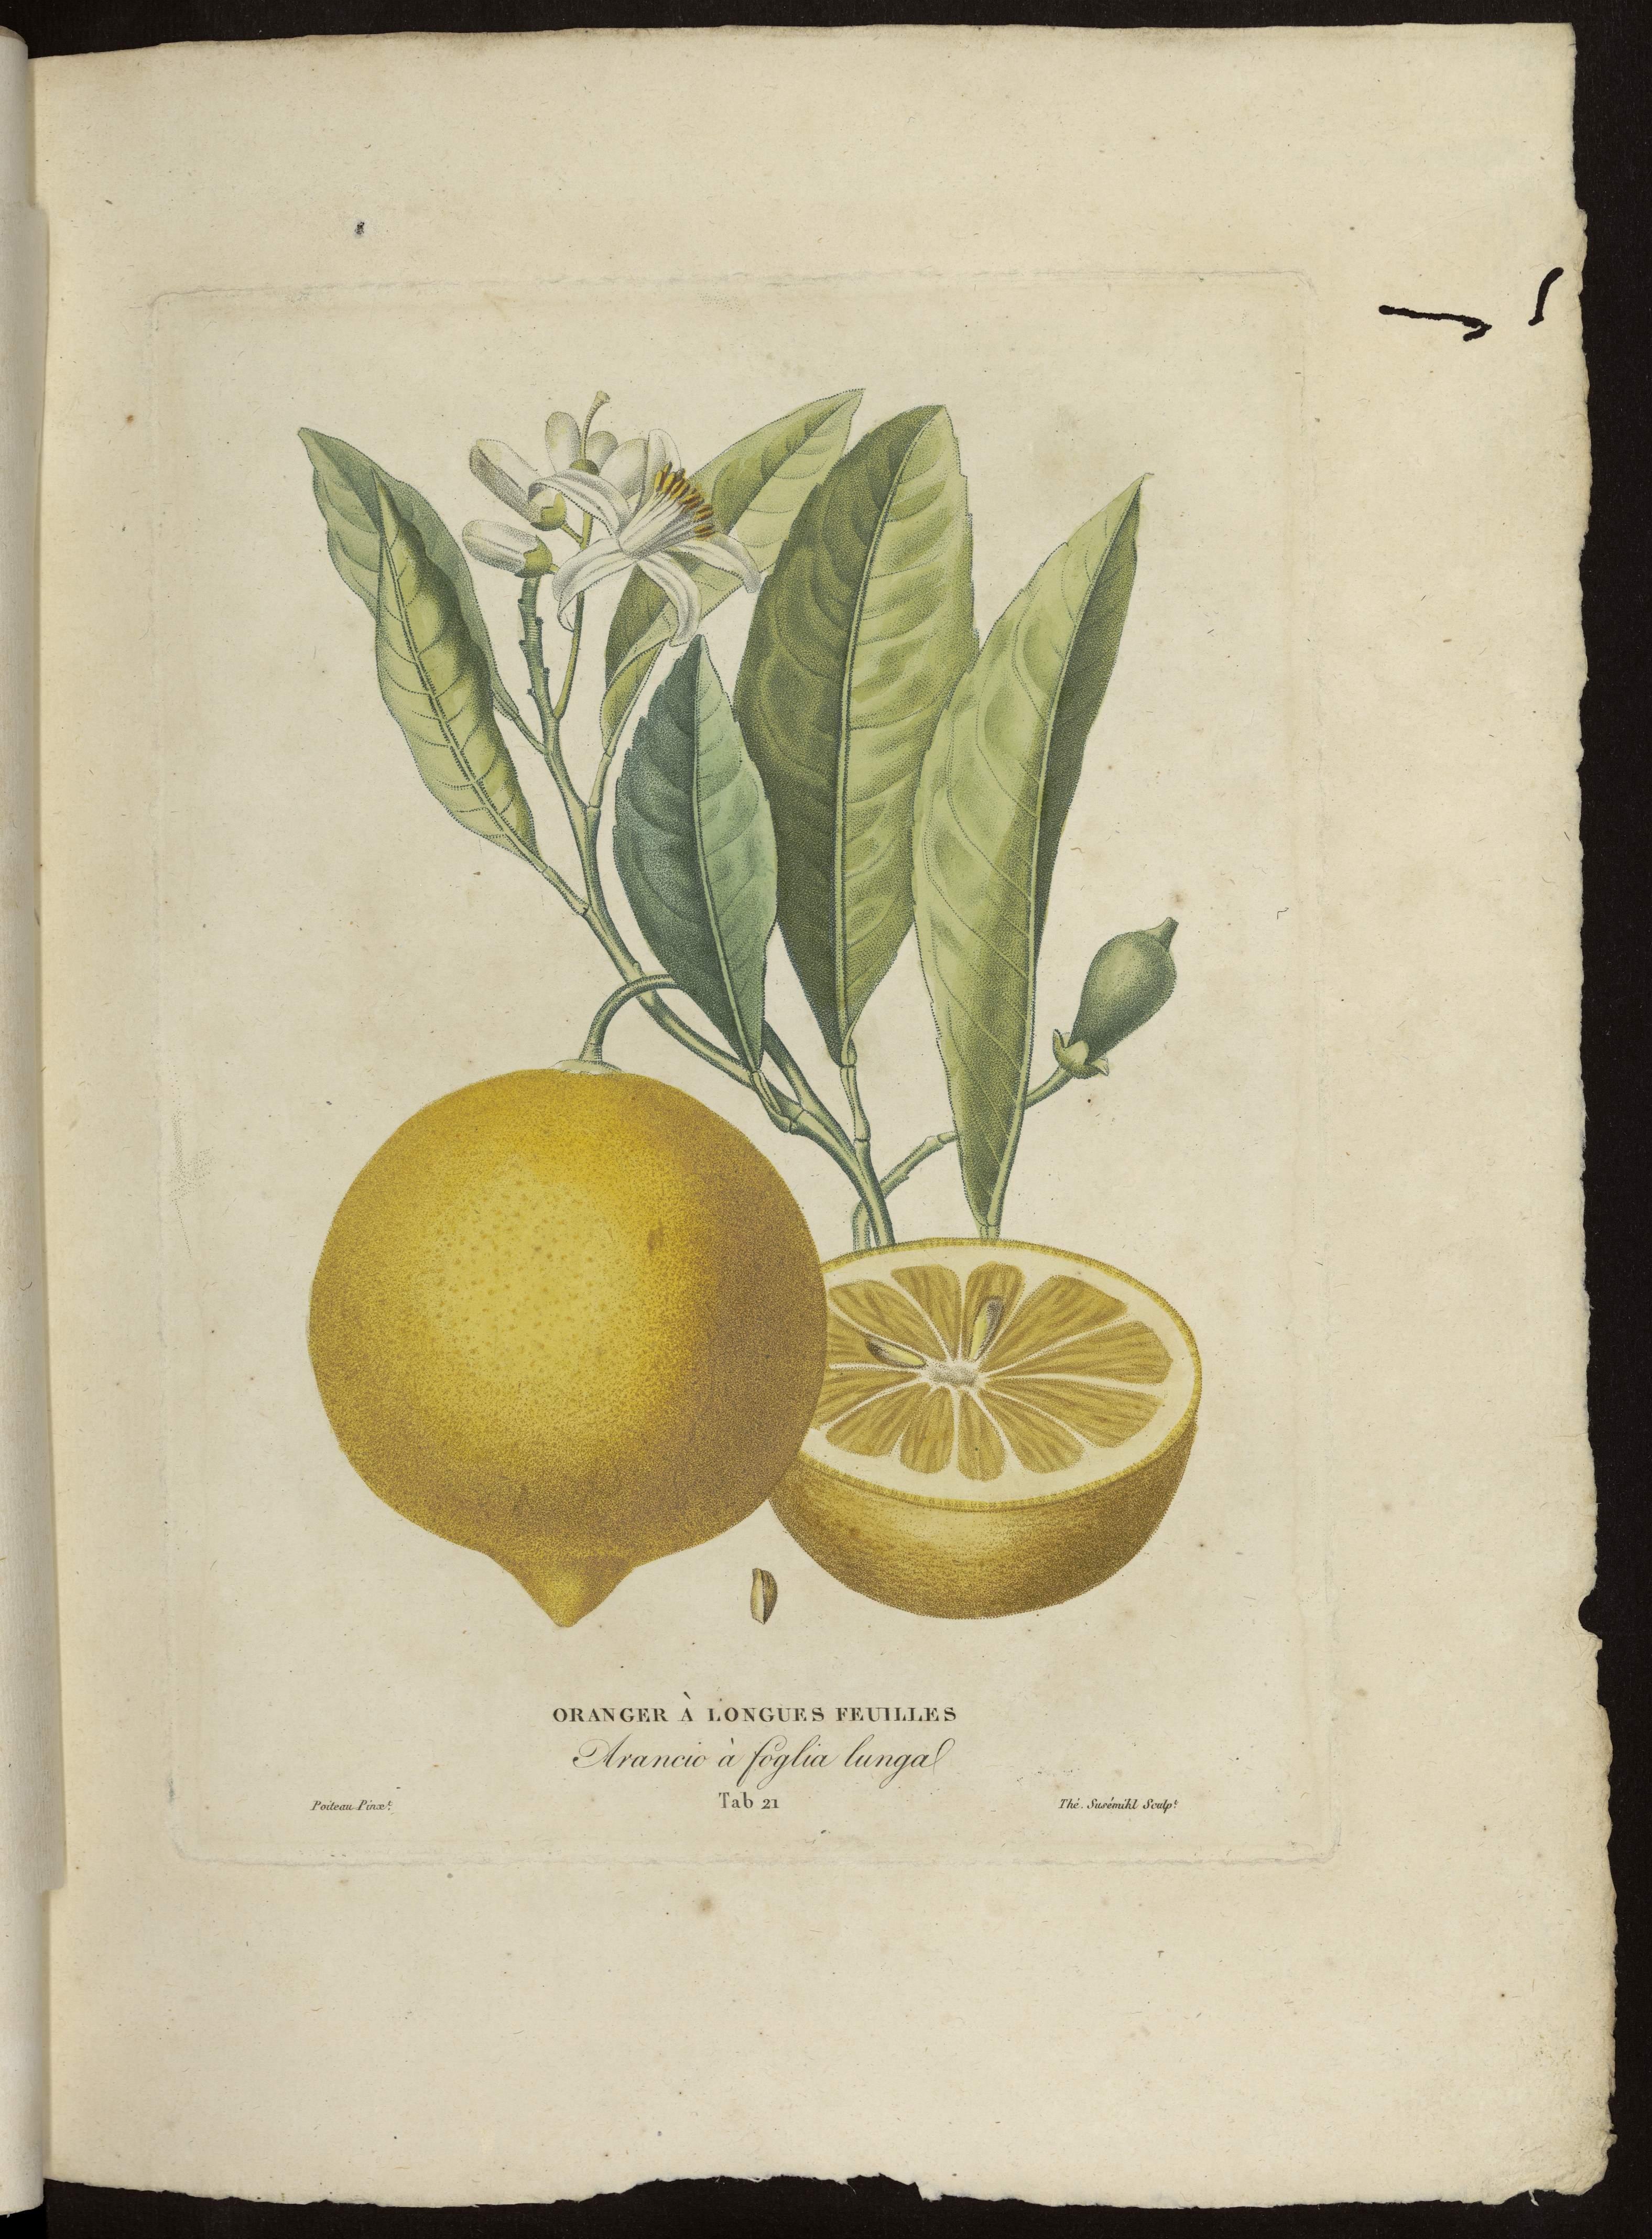 Oranger à longues feuilles